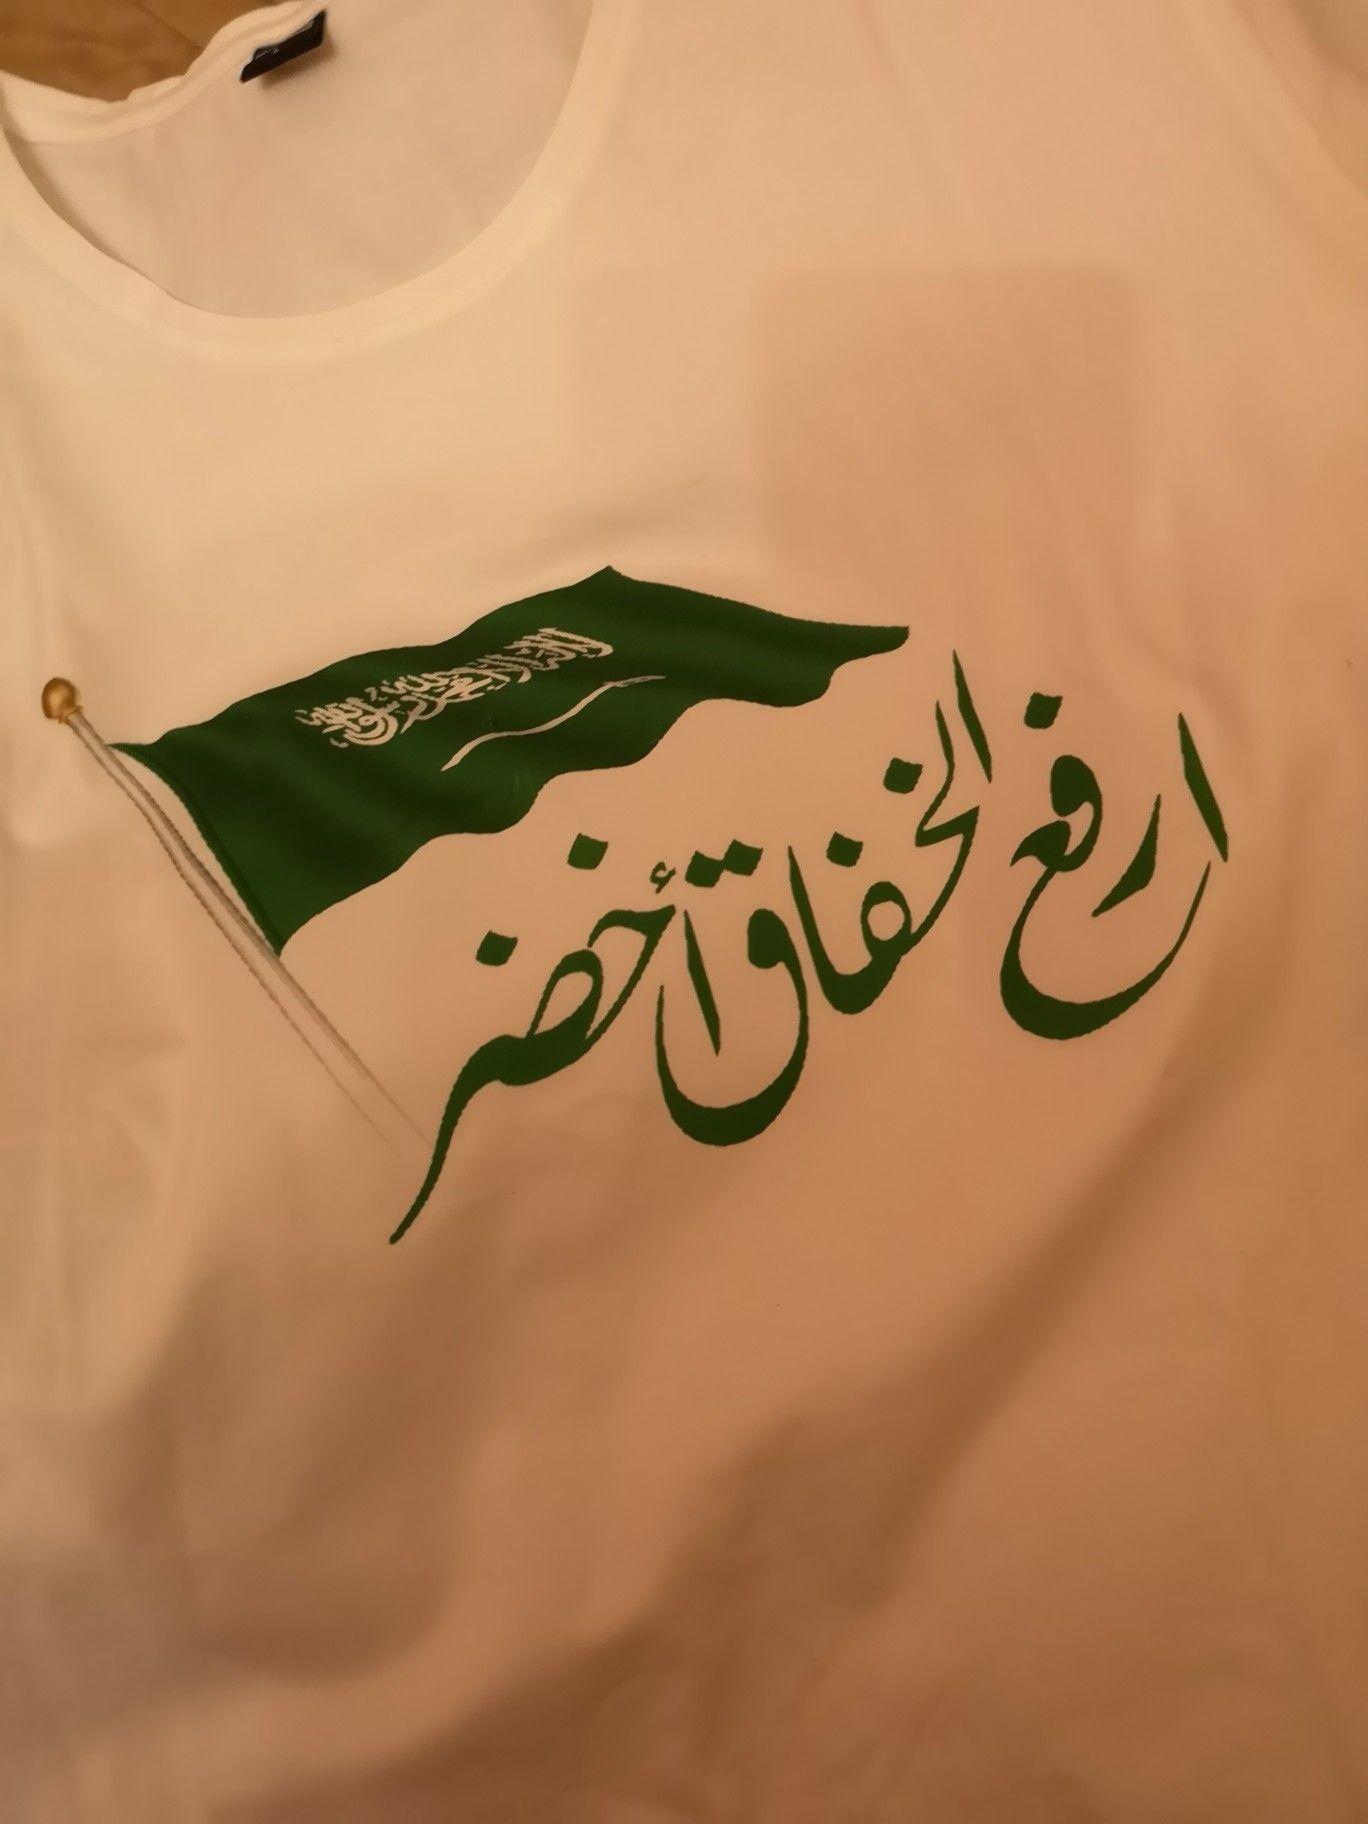 اليوم الوطني السعودي ال88 Social Media Network Meeting New People Women S Top